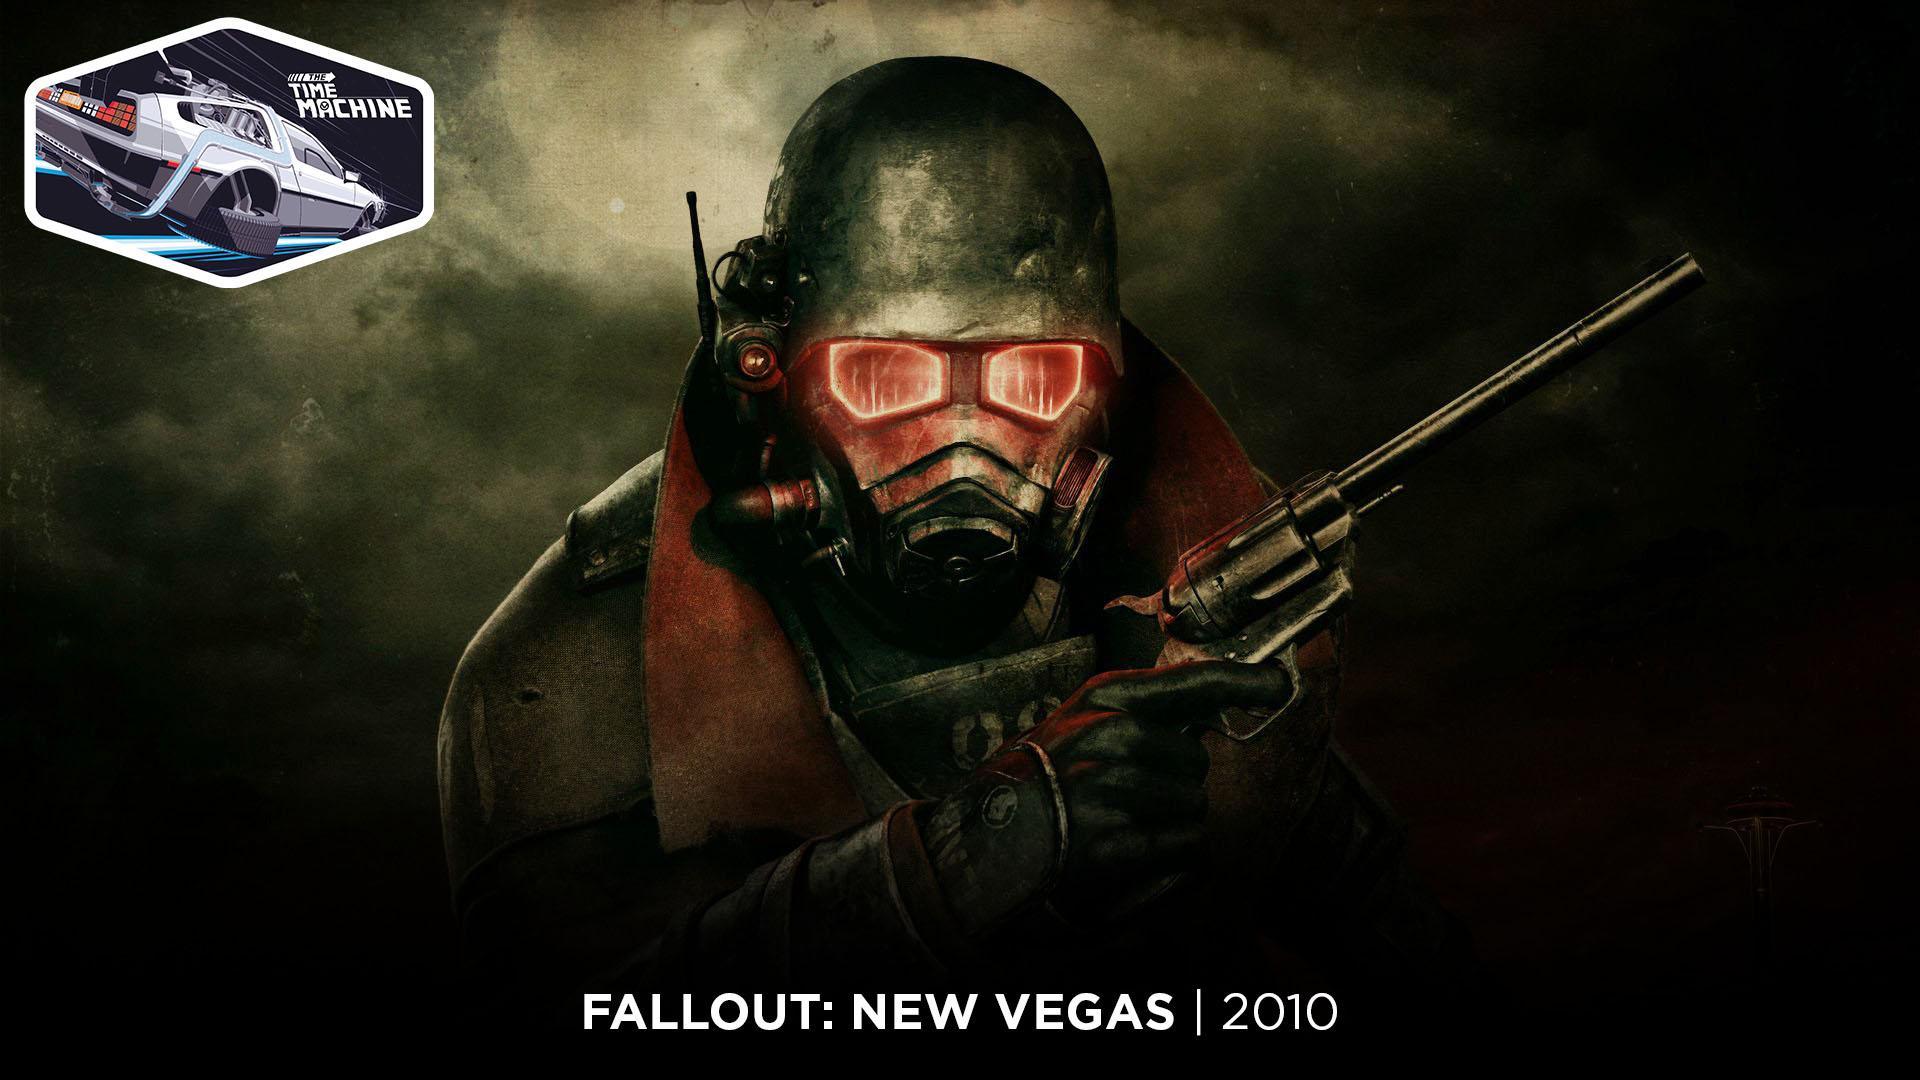 The Time Machine - La storia di Fallout